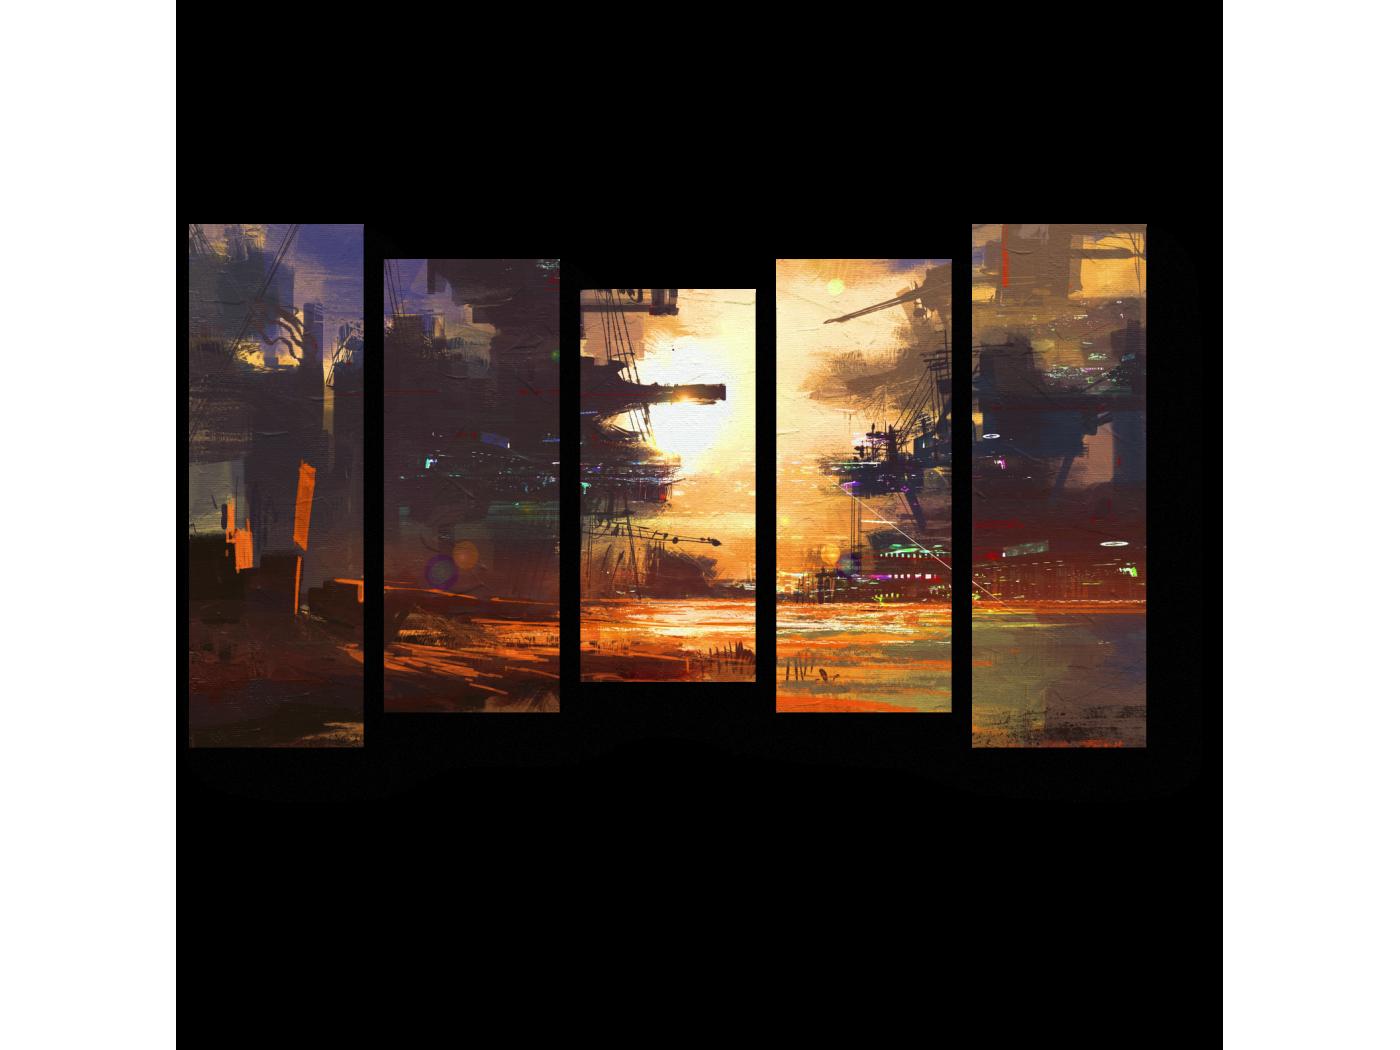 Модульная картина Фантастический город будущего (90x54) фото